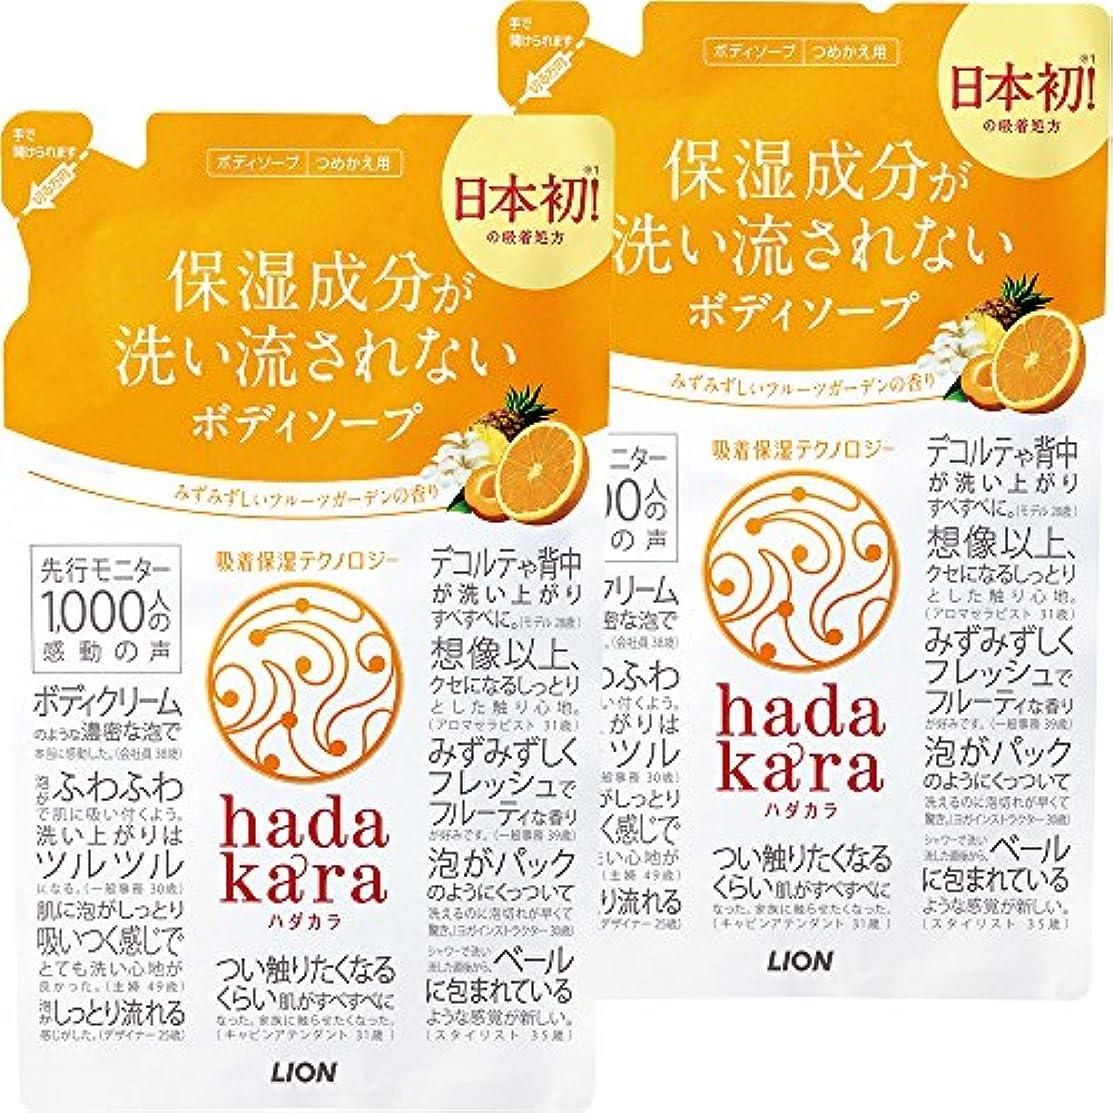 マネージャー接尾辞残高【まとめ買い】hadakara(ハダカラ) ボディソープ フルーツガーデンの香り 詰め替え 360ml×2個パック